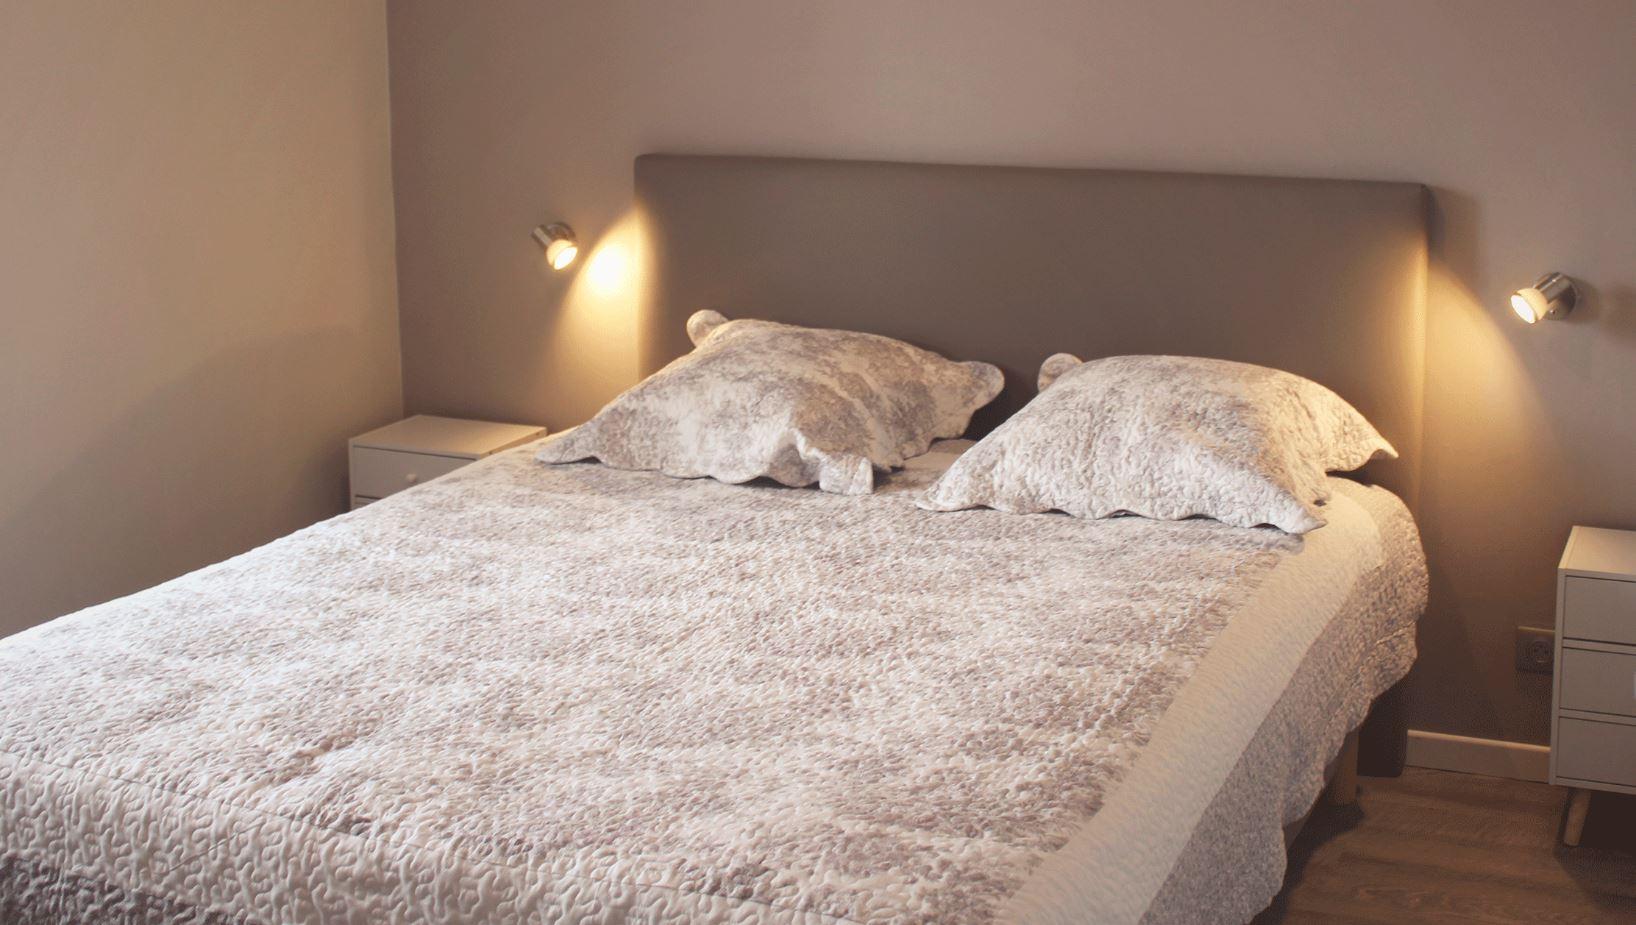 The bedroom #3